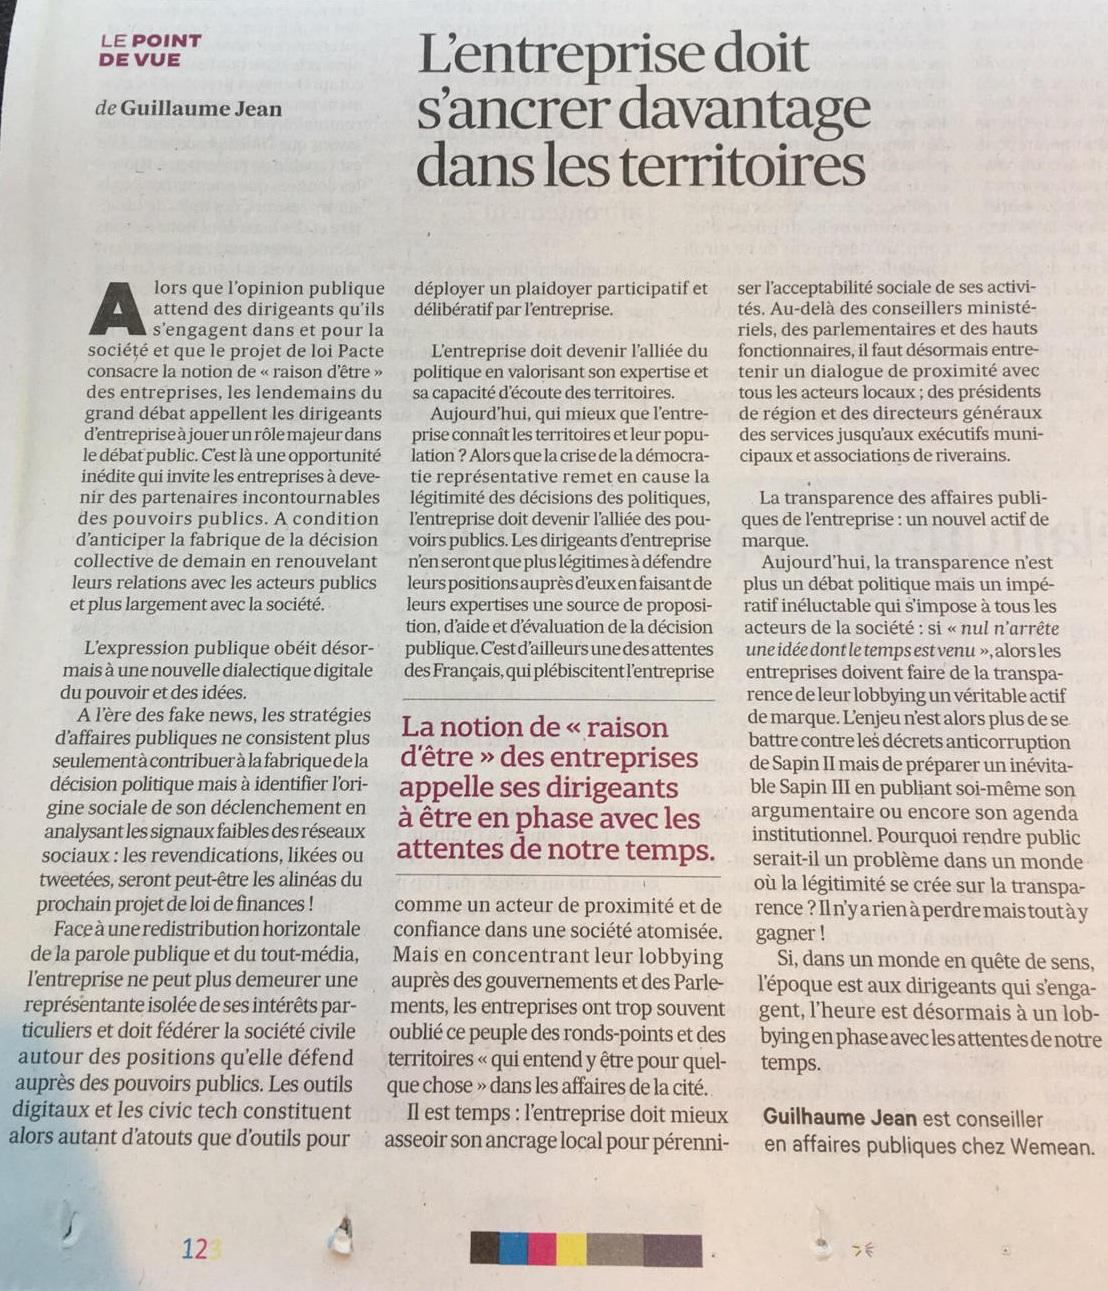 Guilhaume_Jean_Tribune_Affaires_Publiques_Les_Echos_WEMEAN.jpg